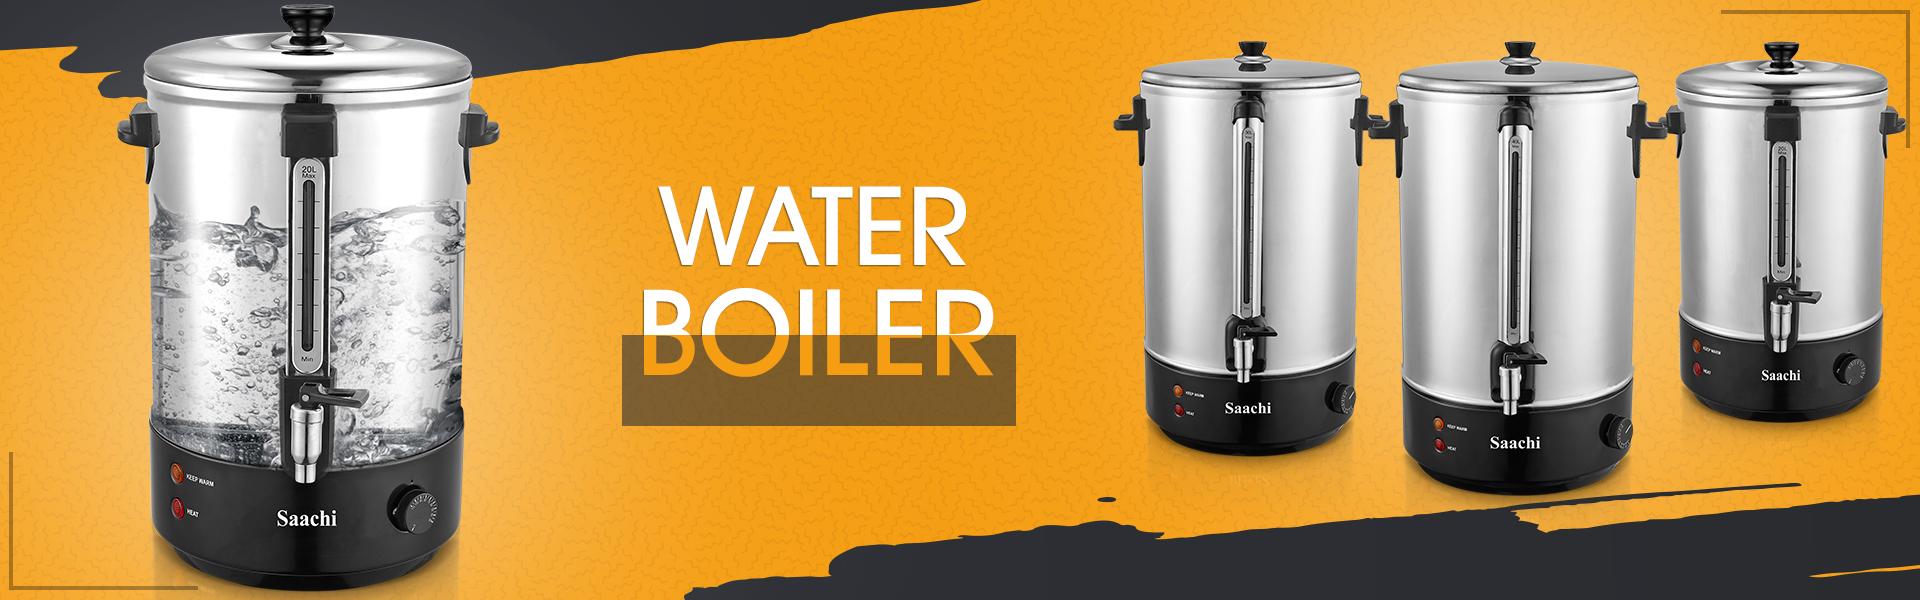 Water boiler_1920x600